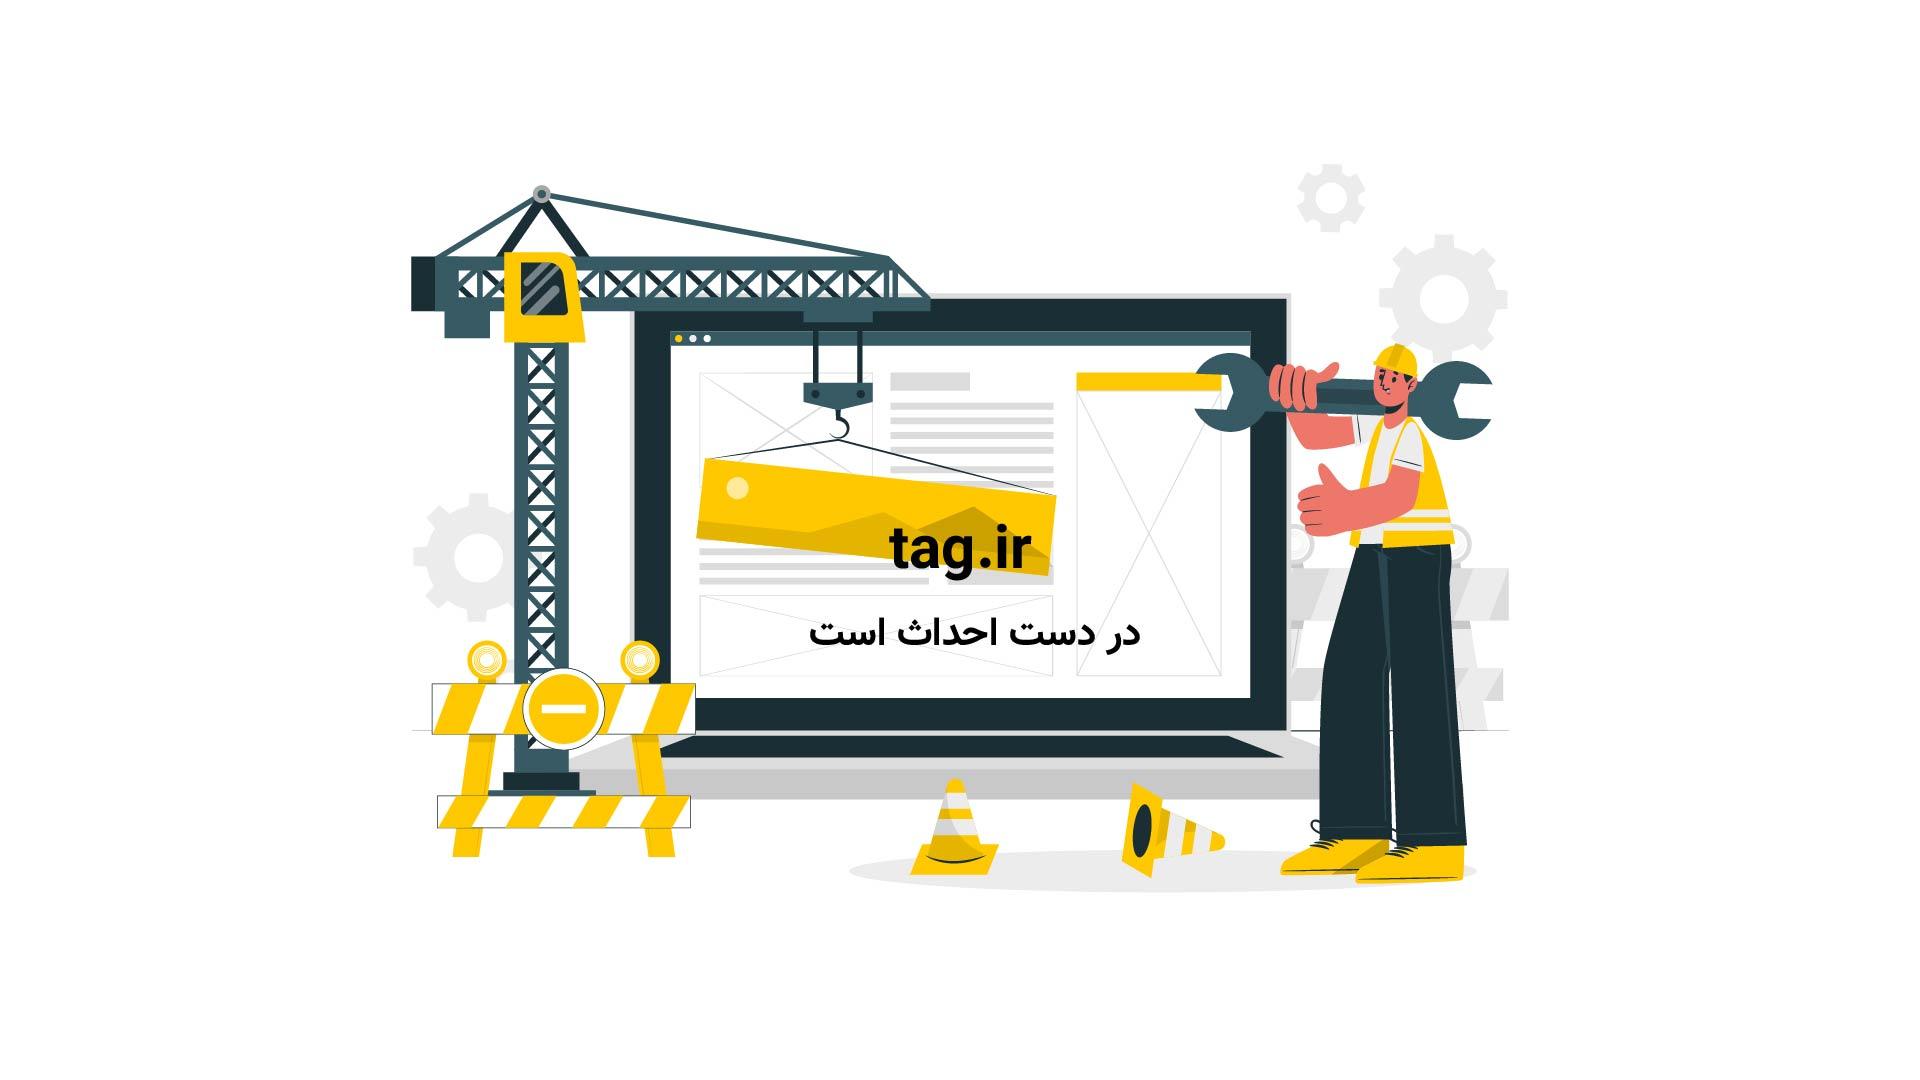 موزه مردم شناسی اشکذر در شهر یزد | فیلم